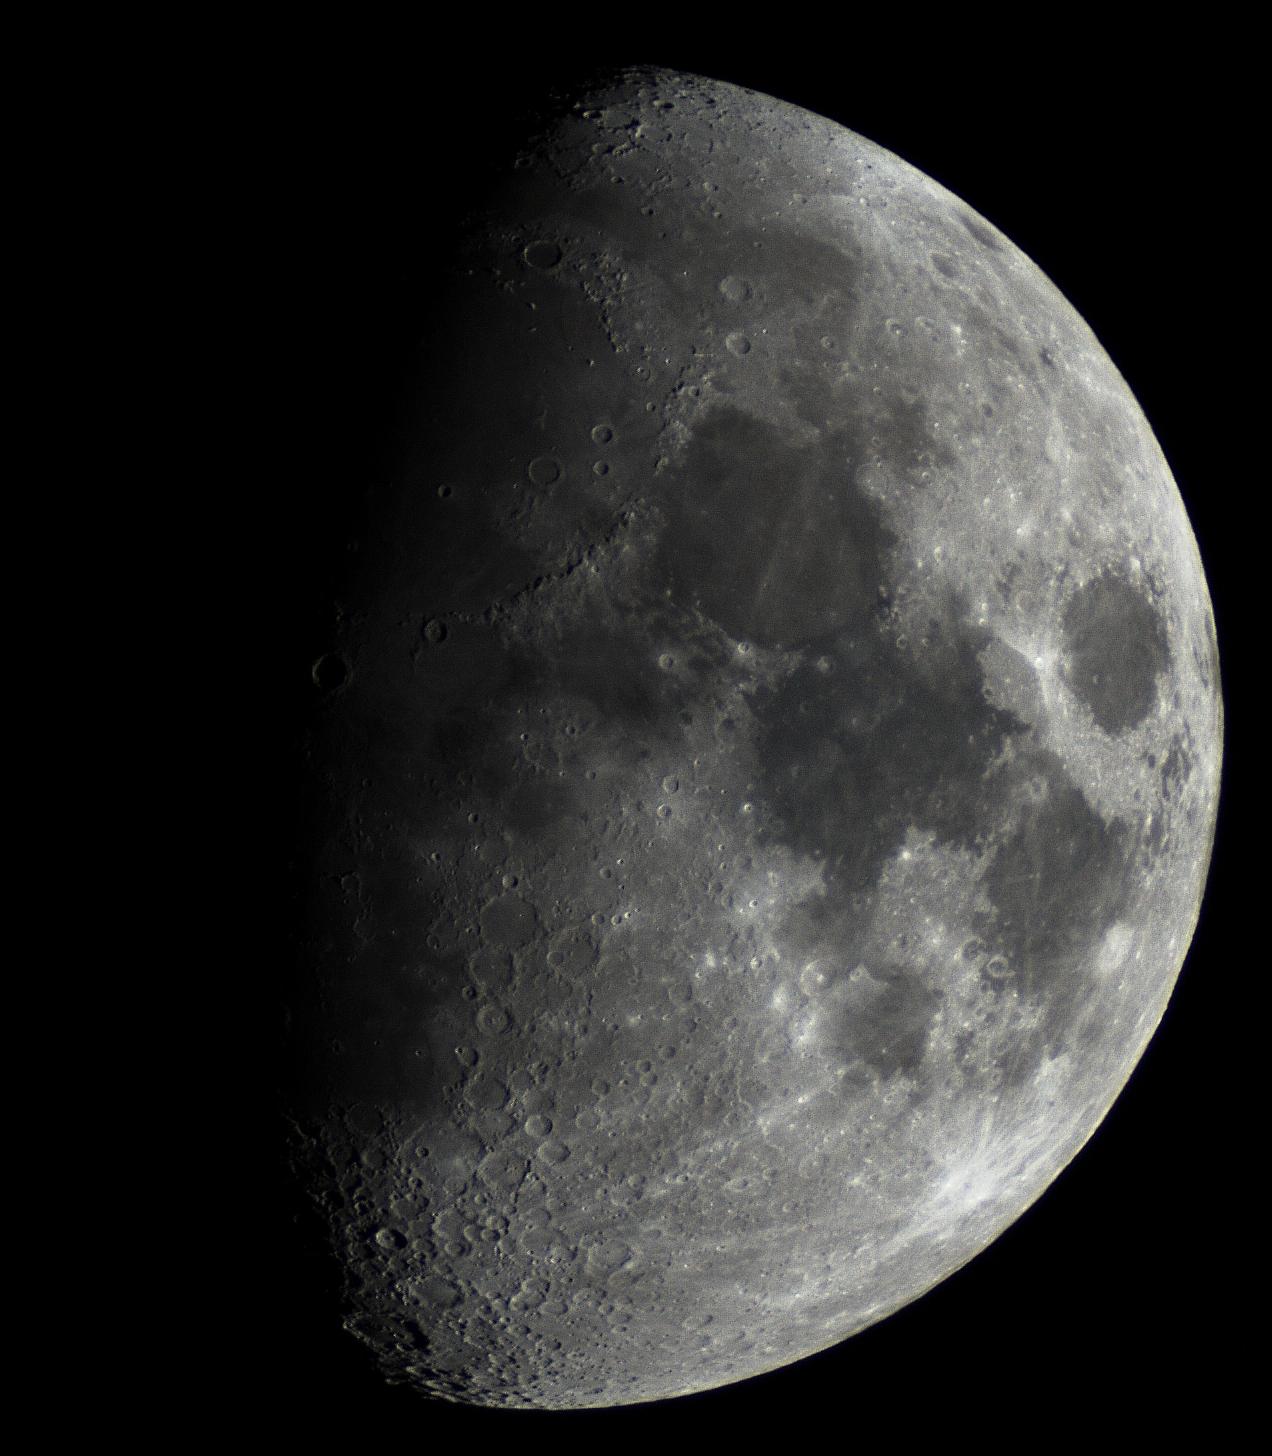 měsíc- t2 fotoredukce